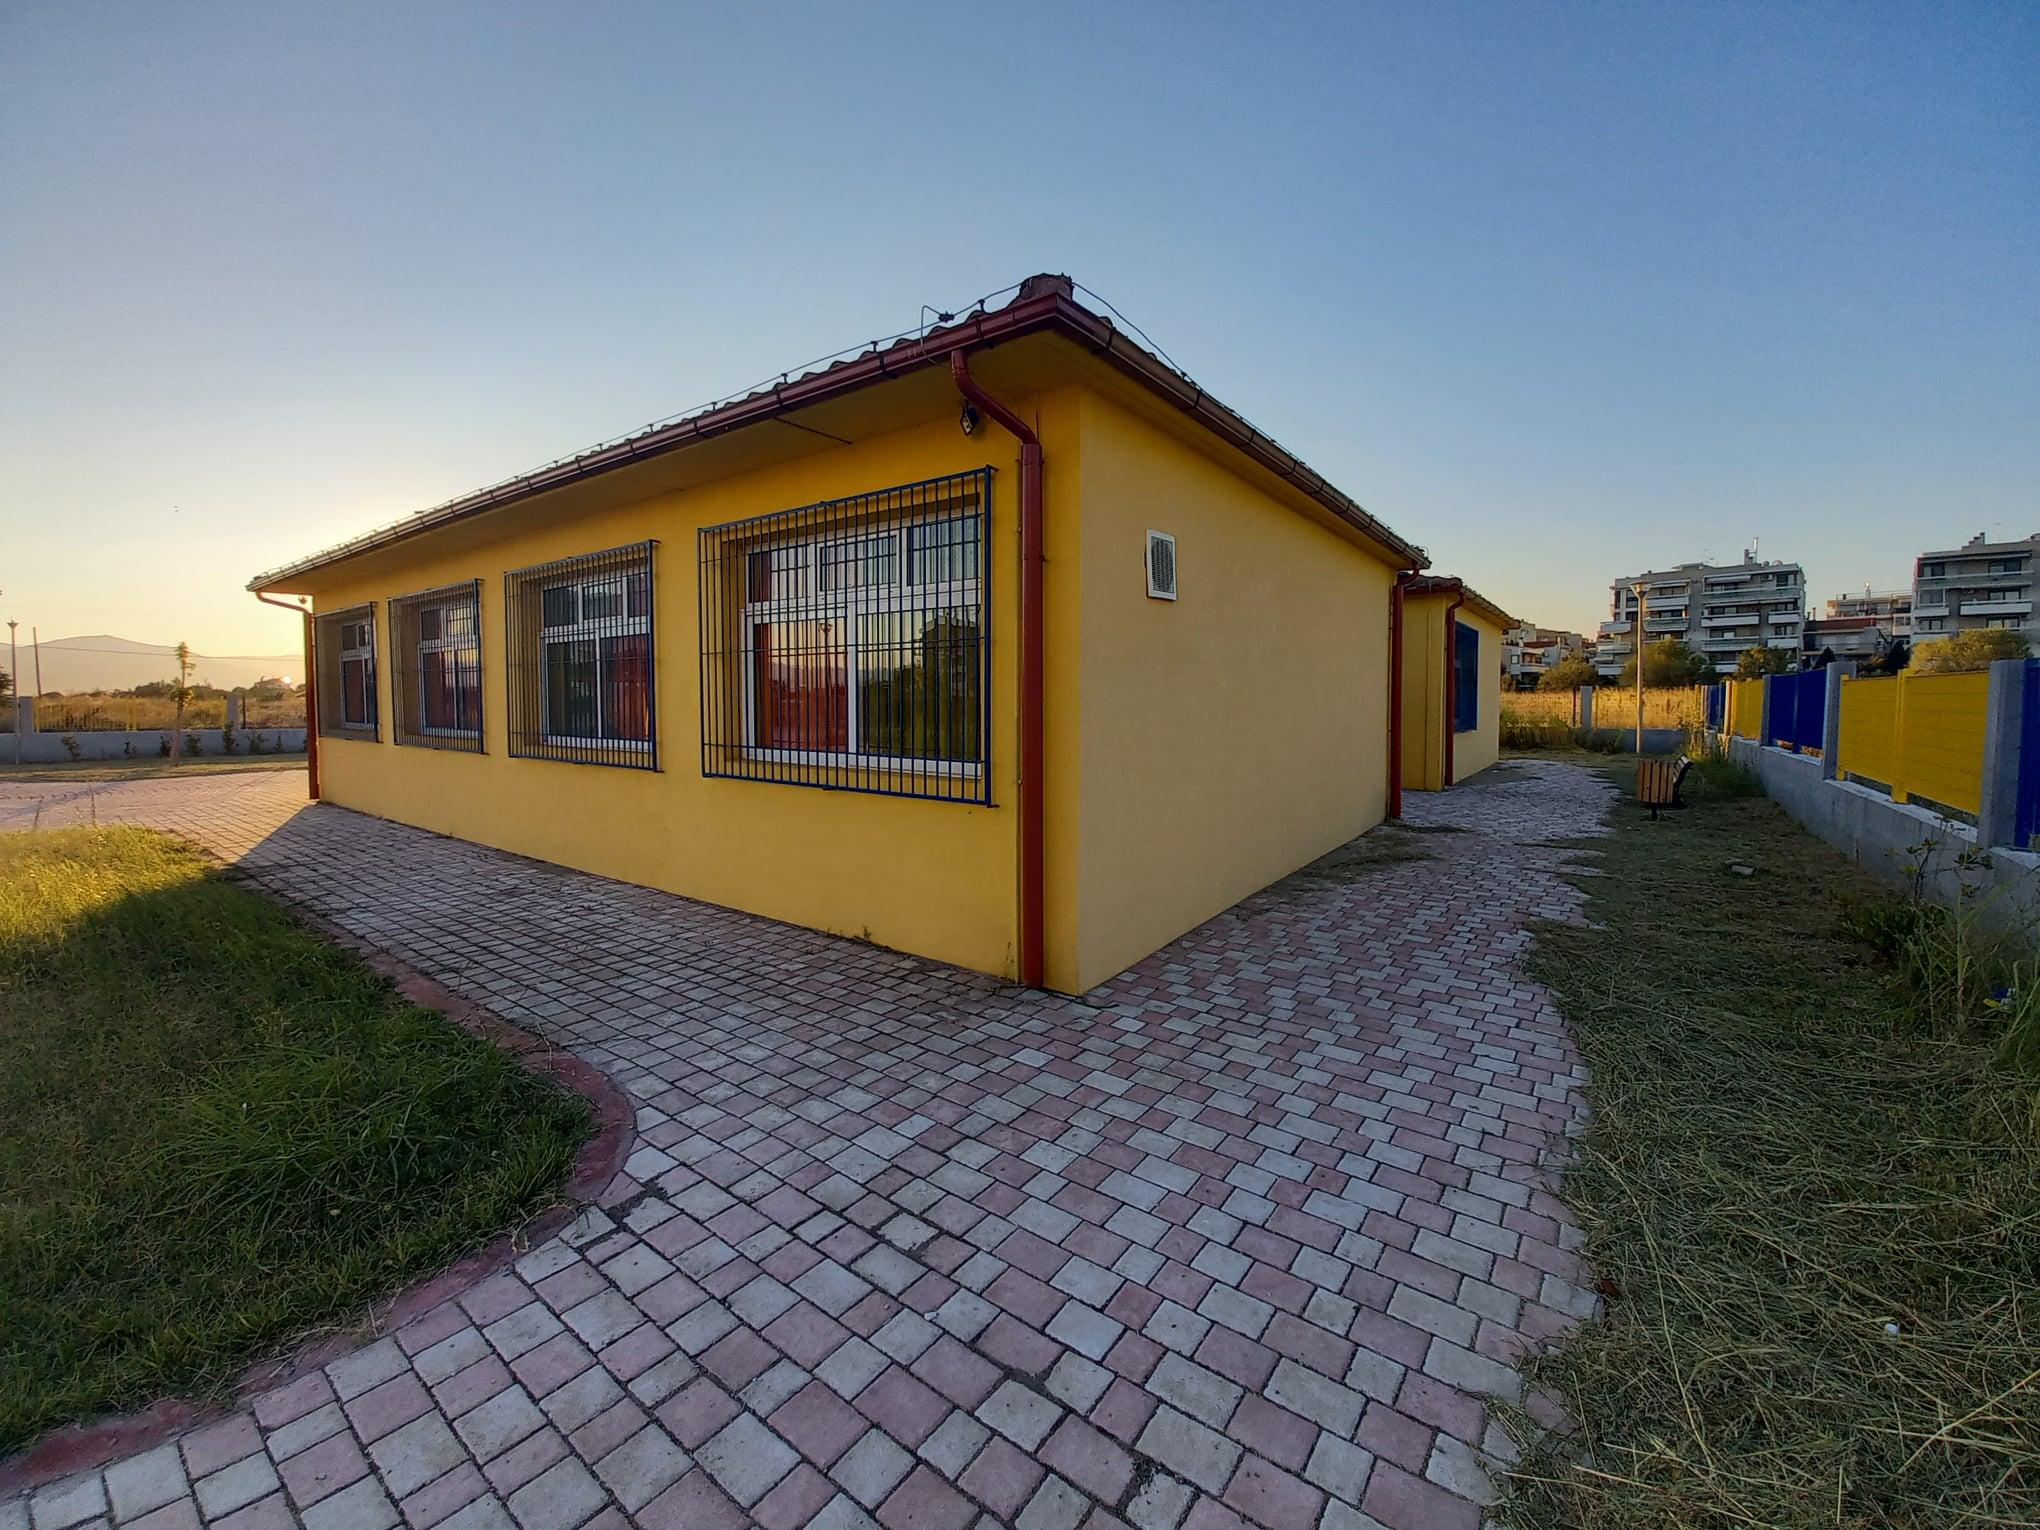 Διευκρινίσεις για τα νήπια που θα φοιτήσουν στο 9ο Νηπιαγωγείο Περαίας